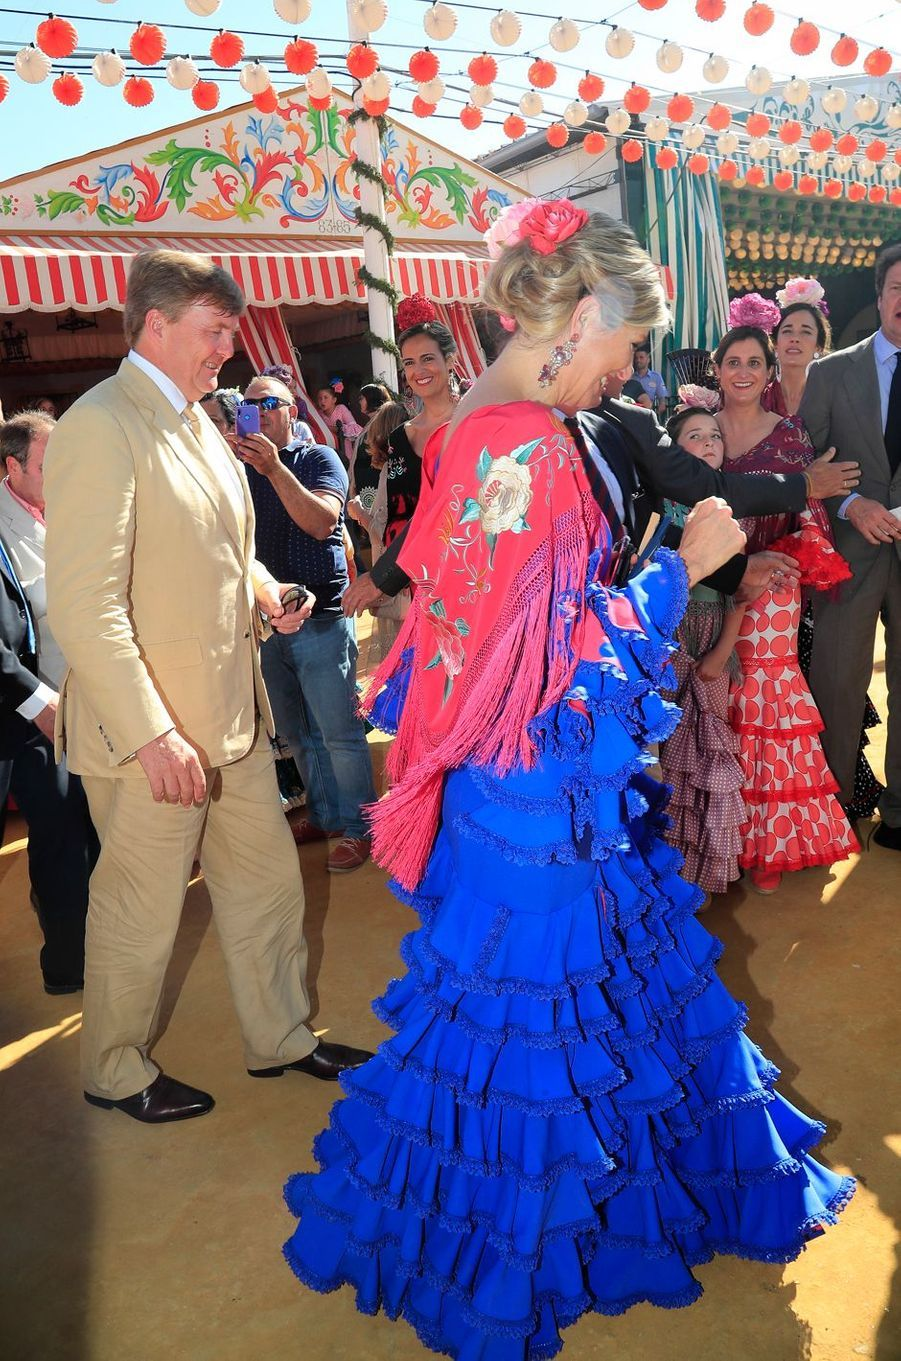 La reine Maxima et le roi Willem-Alexander des Pays-Bas à Séville, le 10 mai 2019